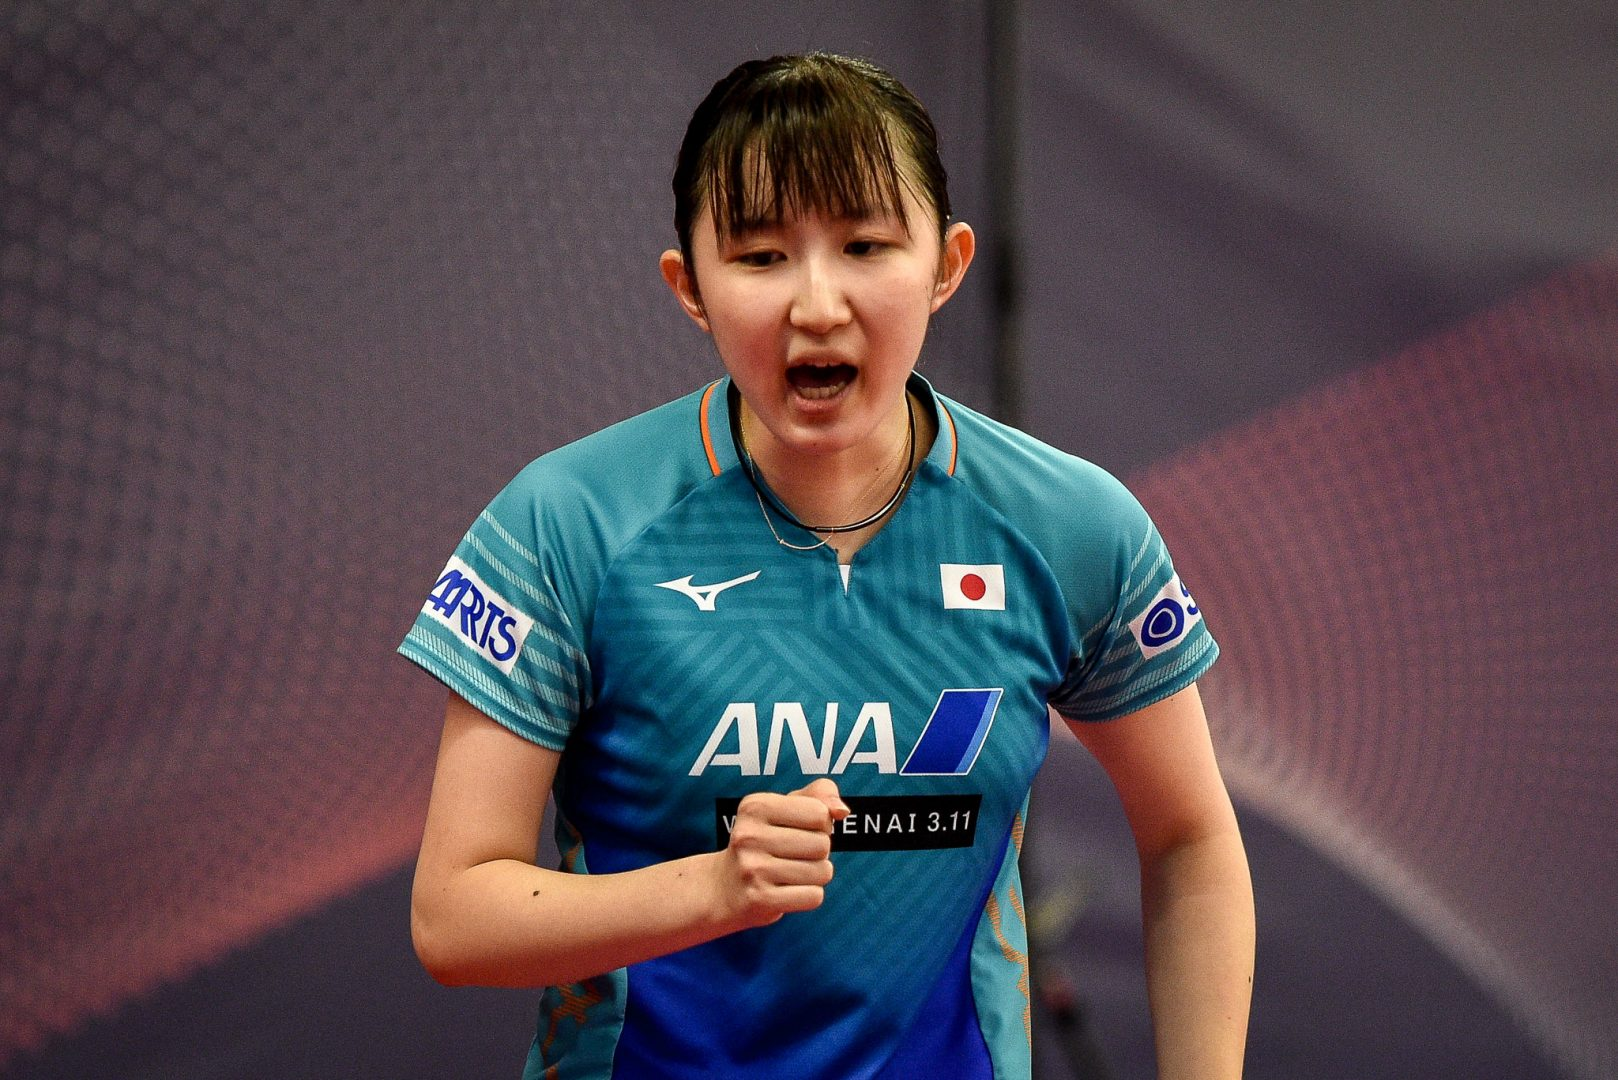 早田ひな、感謝のV 南米の地で日本人対決制す<卓球・パラグアイオープン>